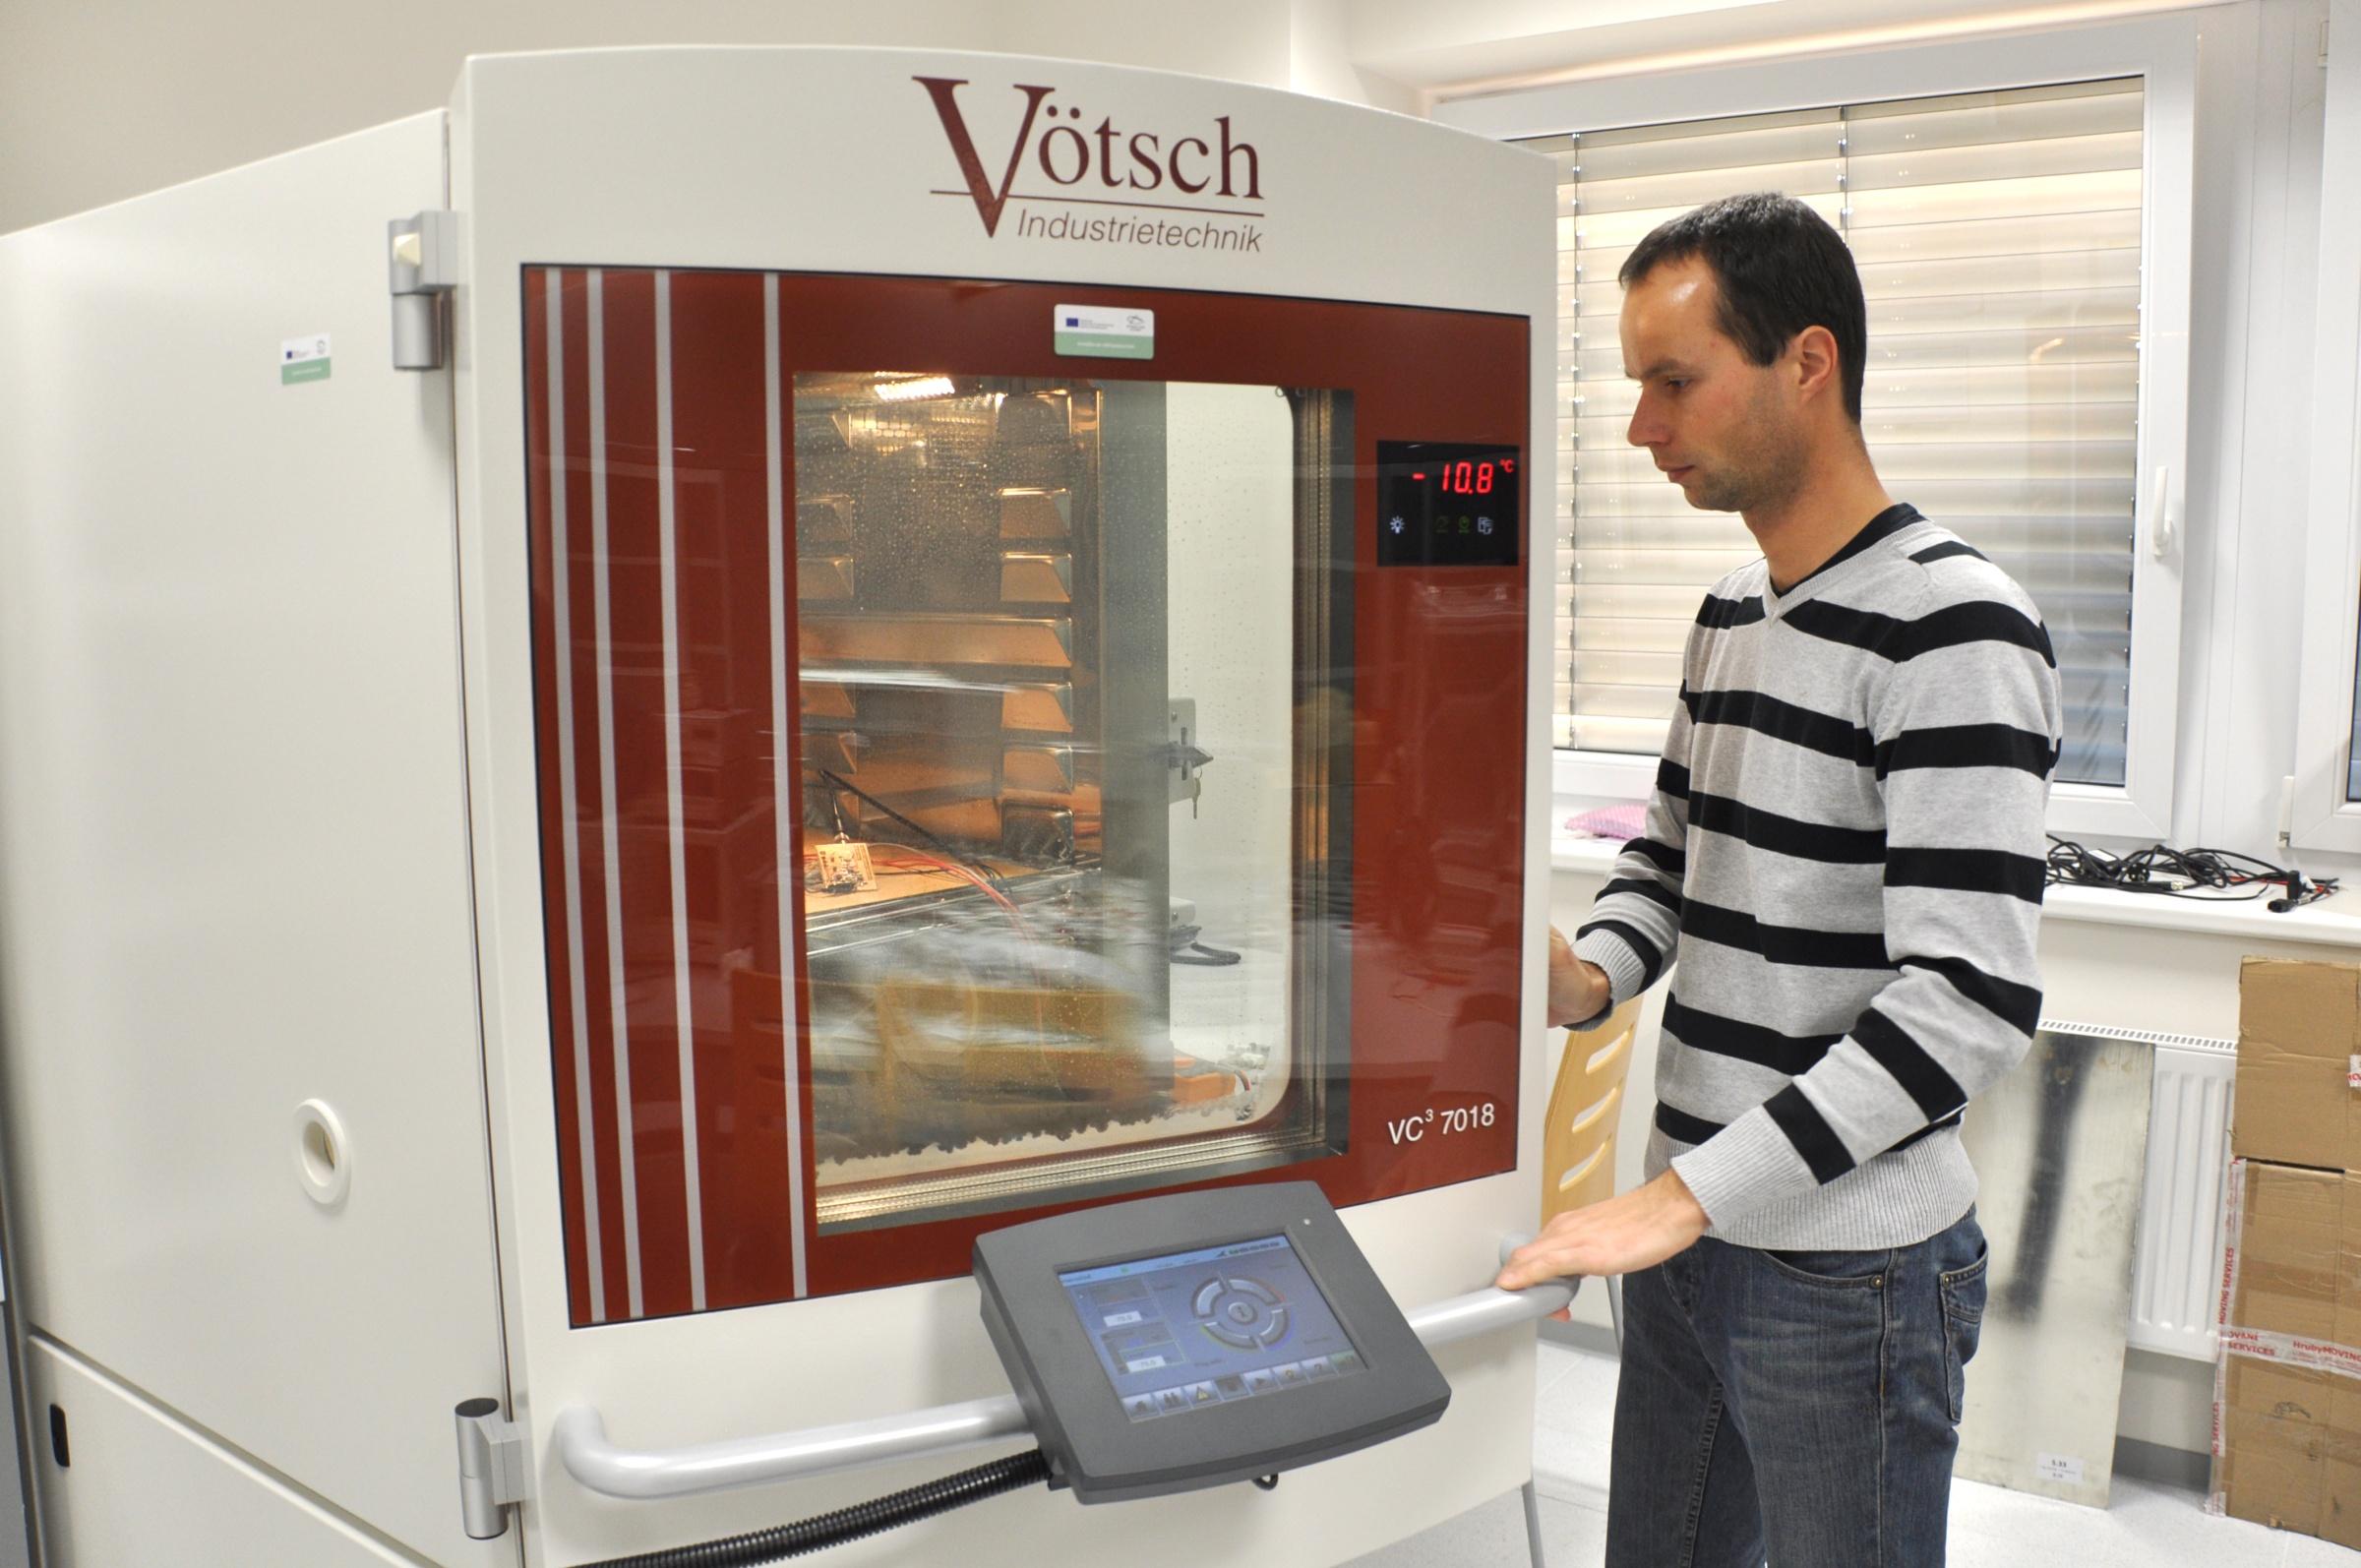 Development and Testing of Electronic Circuits, Elements and Prototypes - Zkušební komora pro zjišťování vlastností zařízení v různých klimatických podmínkách